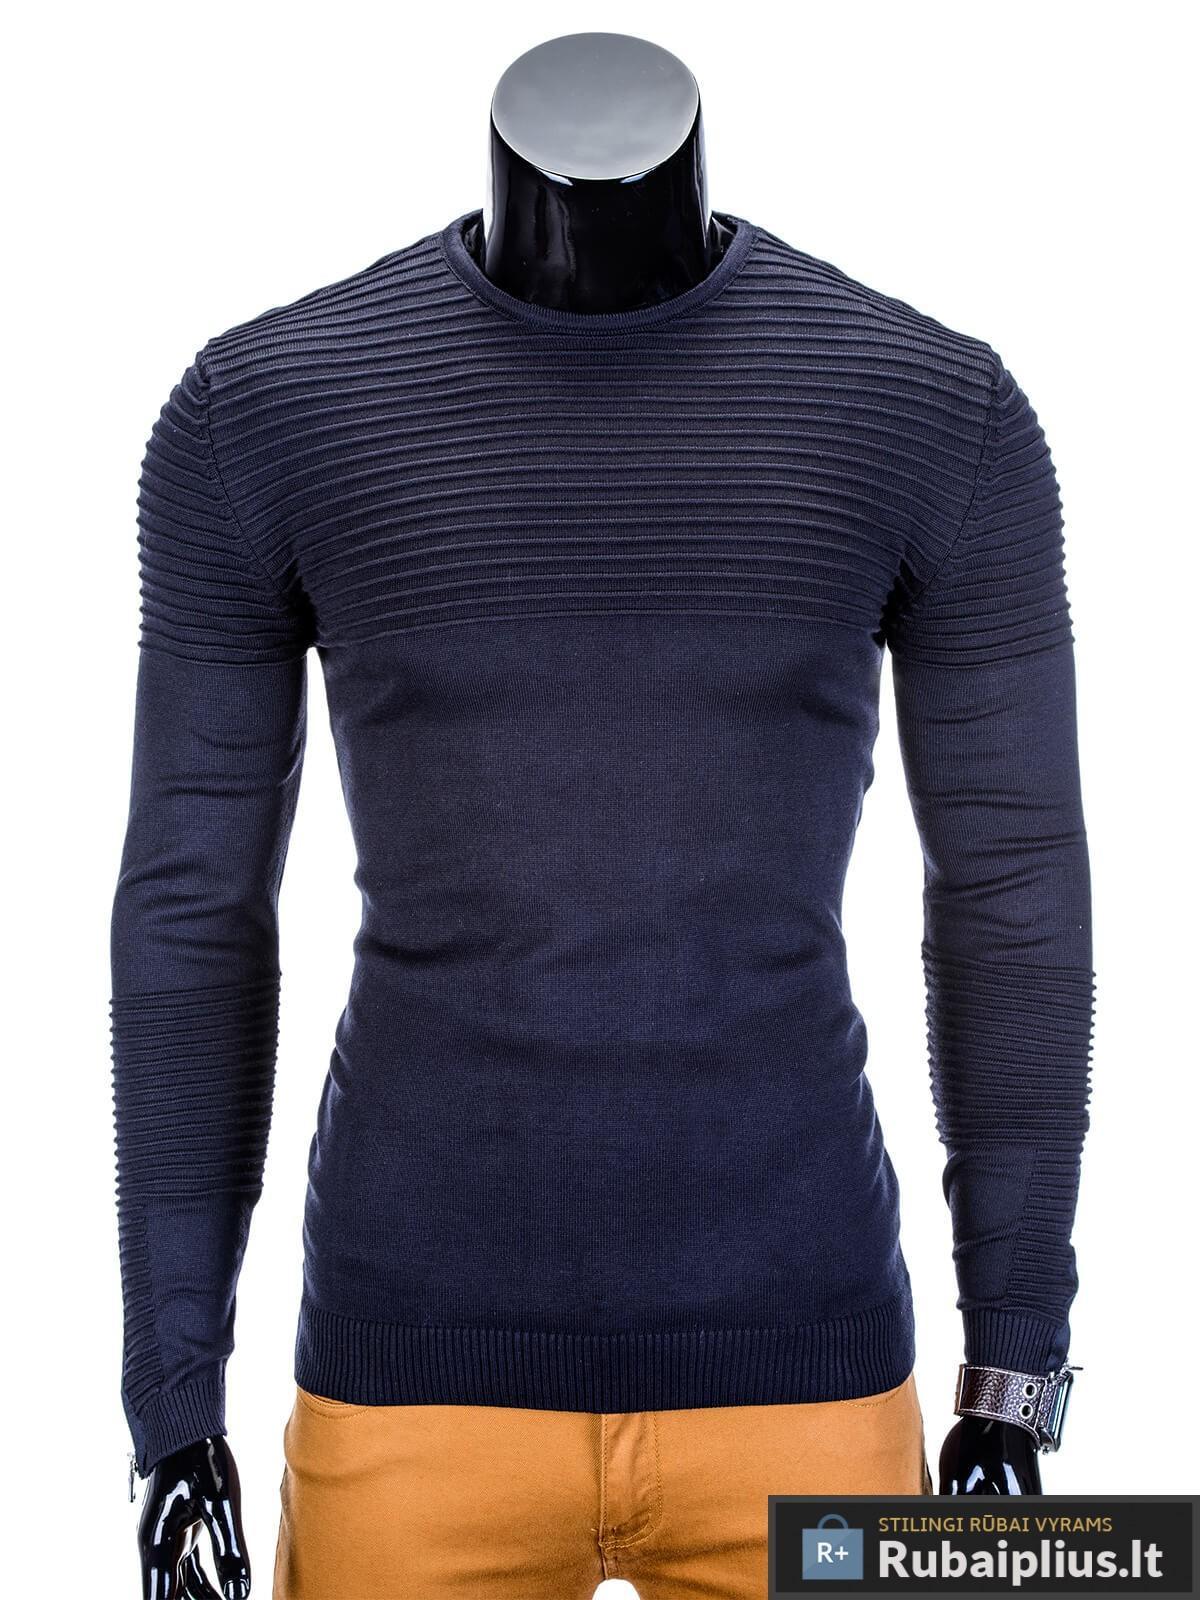 tamsiai mėlynas džemperis, tamsiai mėlynos spalvos vyriškas džemperis internetu, džemperis vyrams, patogus vyriškas džemperis, džemperis mėgstantiems aktyvų gyvenimo būdą, džemperis laisvalaikiui, originalūs vyriški džemperiai, vyriškas bliuzonas internetu, bliuzonas stilingas, bliuzonas vyrams, vyriškas megztinis internetu, kokybiškas džemperis, madingi vyriški džemperiai, džemperis sportui, džemperis krepšiniui, džemperis futbolui, vyriški džemperiai už protigna kaina, akcija, nuolaidos